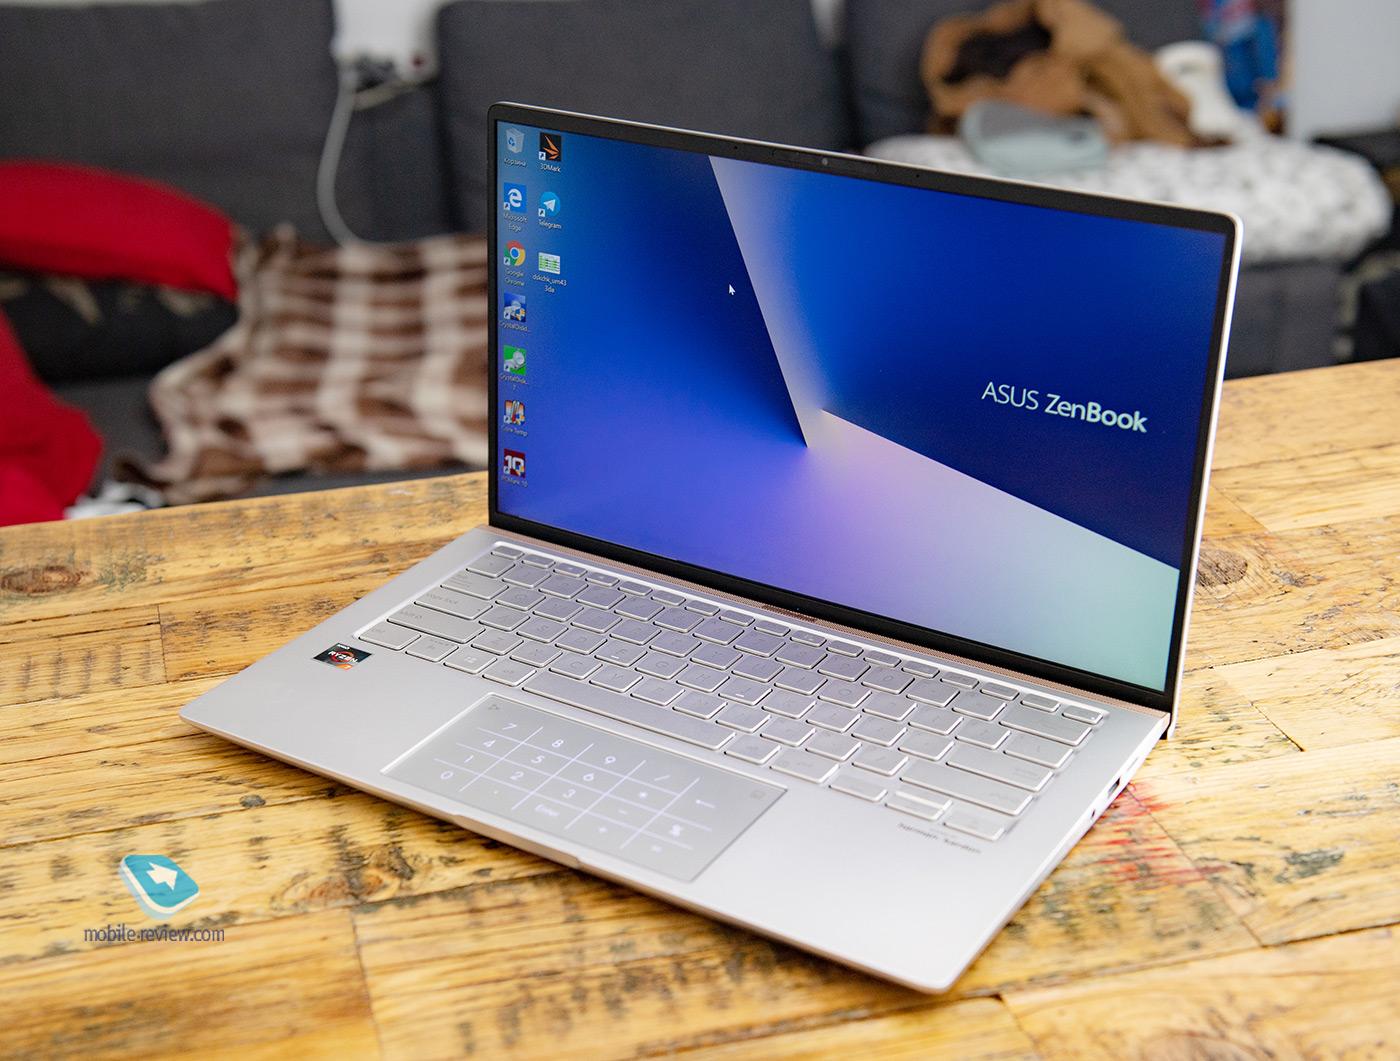 Обзор ноутбука ASUS ZenBook 14 (UM433DA)